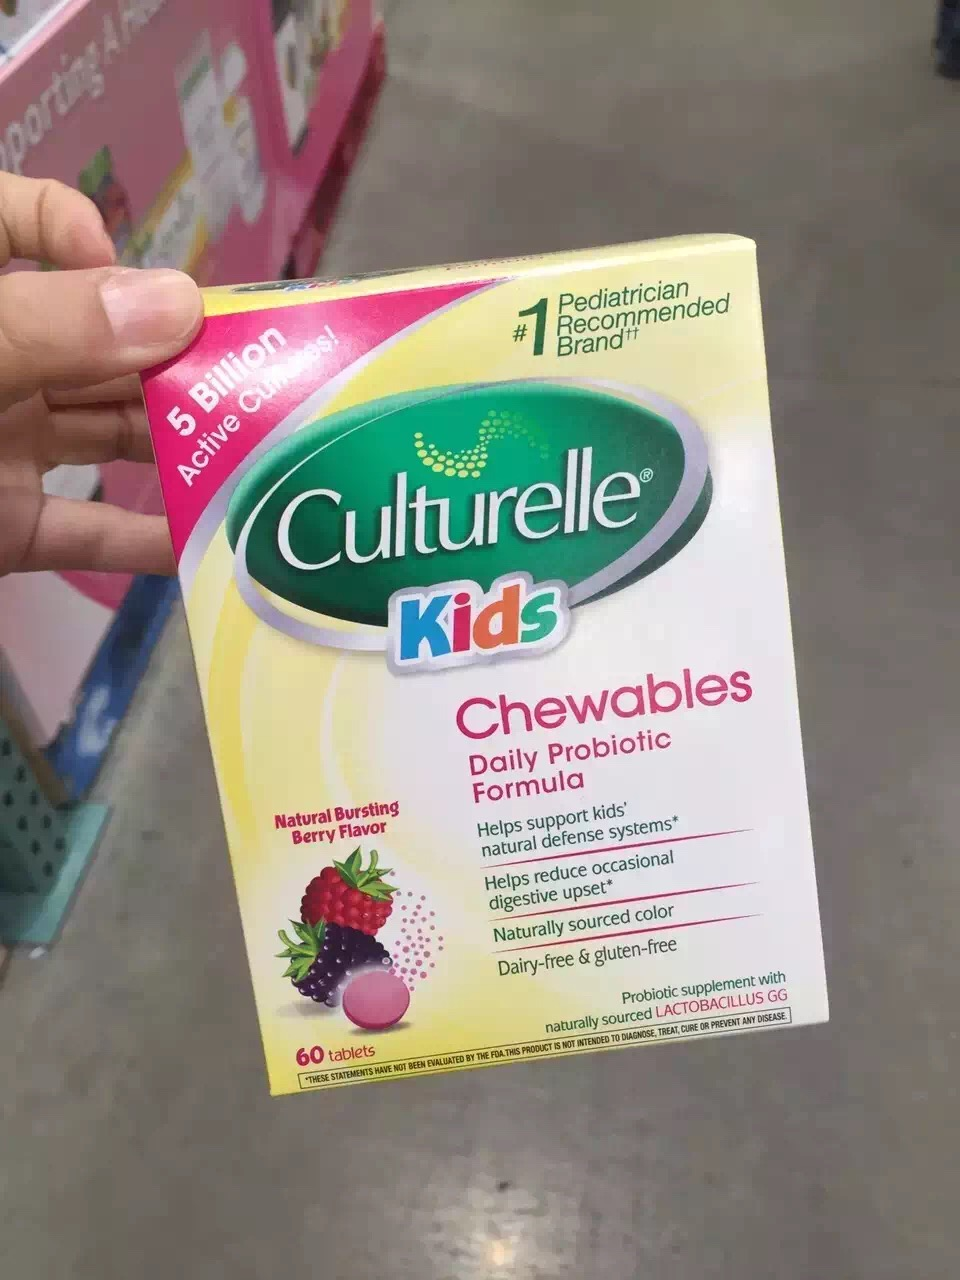 美國小兒科醫生推薦**兒童益生菌**幫助兒童腸道消化 | 北美母嬰折扣網